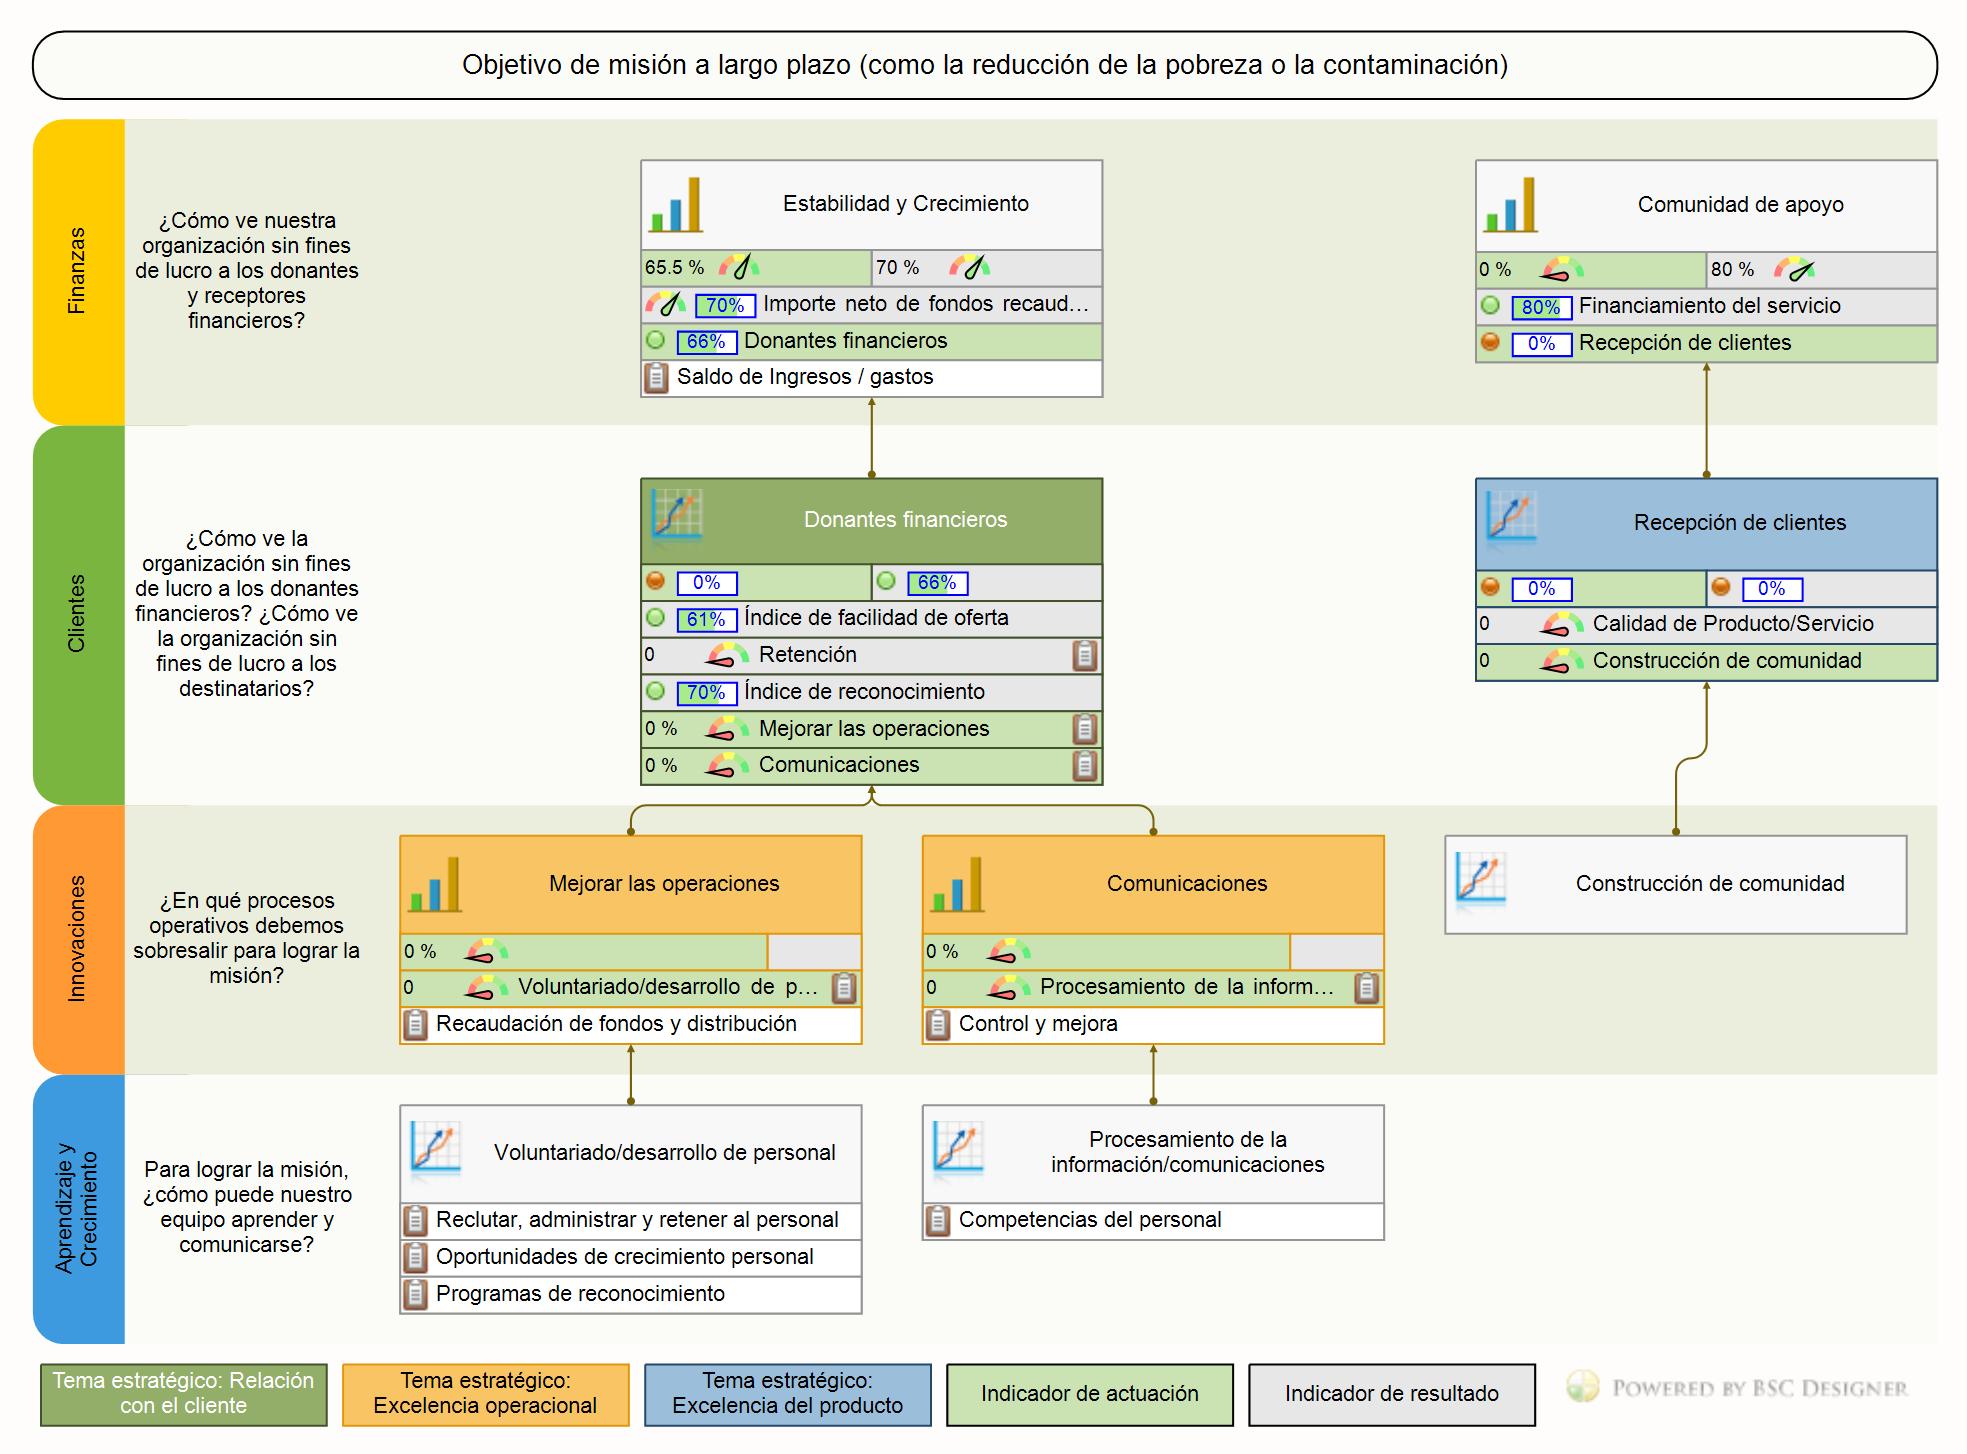 Un ejemplo del mapa de estrategia para Una organización sin fines de lucro